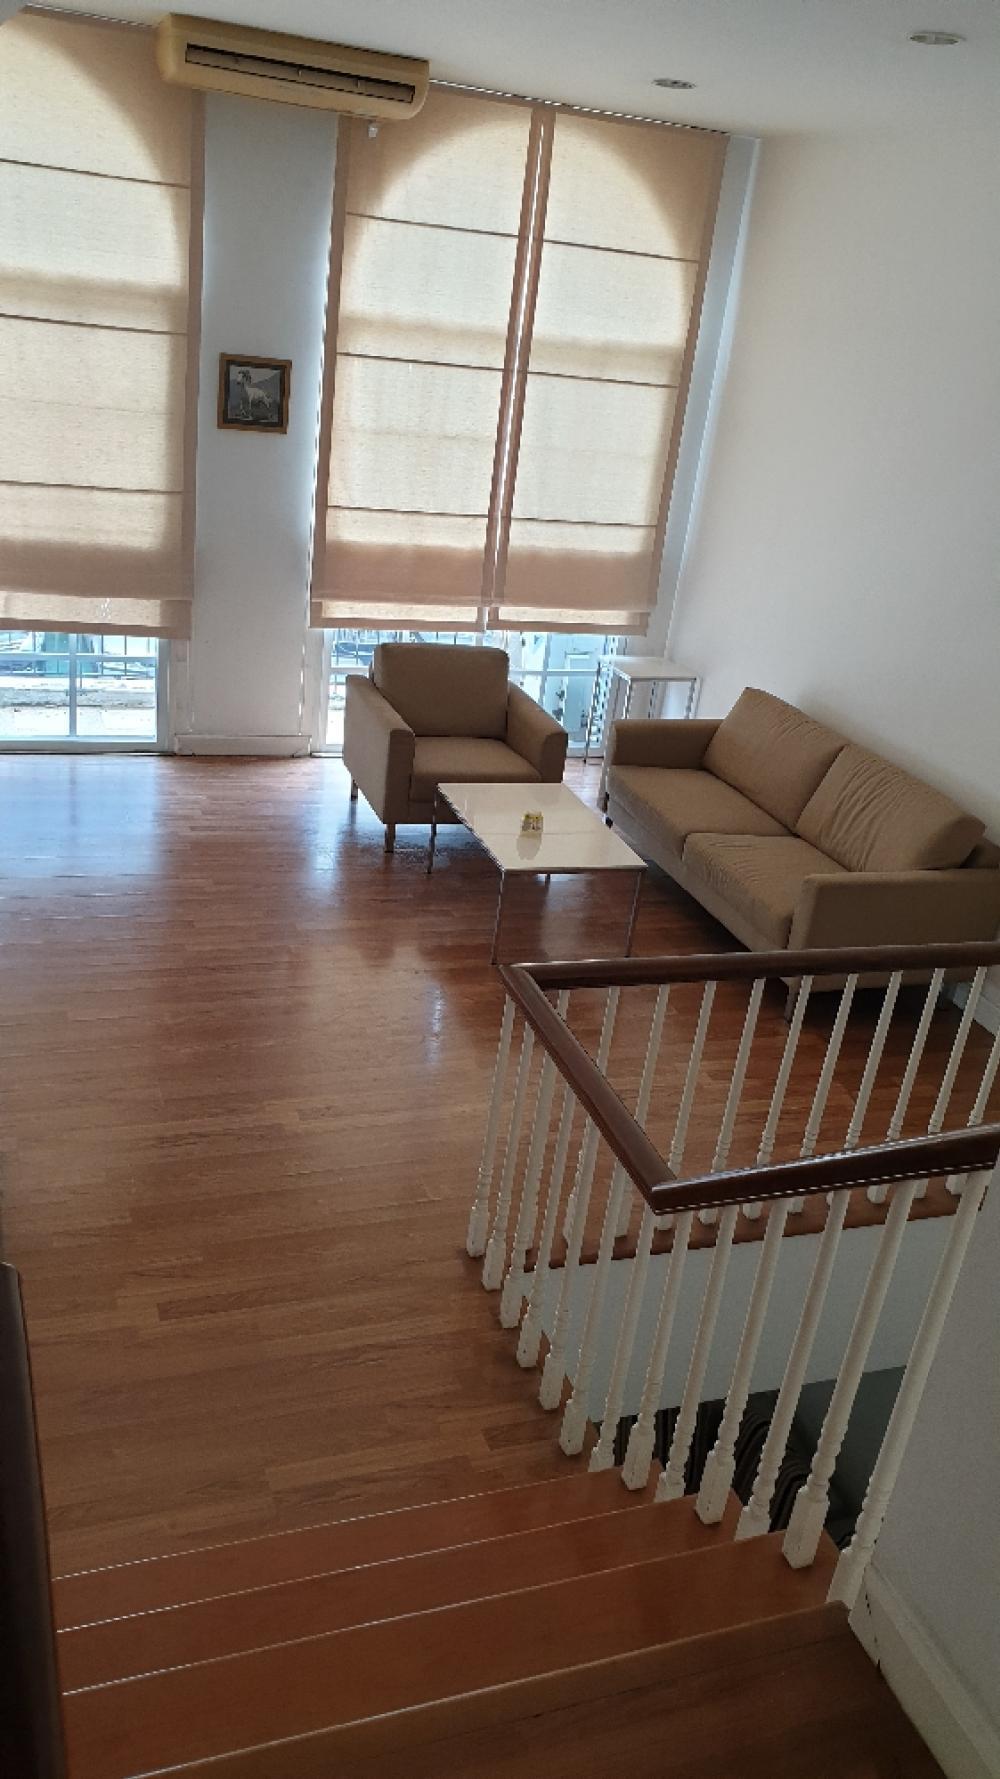 ขายบ้านพัฒนาการ ศรีนครินทร์ : ขายด่วน ทาวน์โฮมพลัสซิตี้พาร์ค พระรามเก้า-หัวหมาก